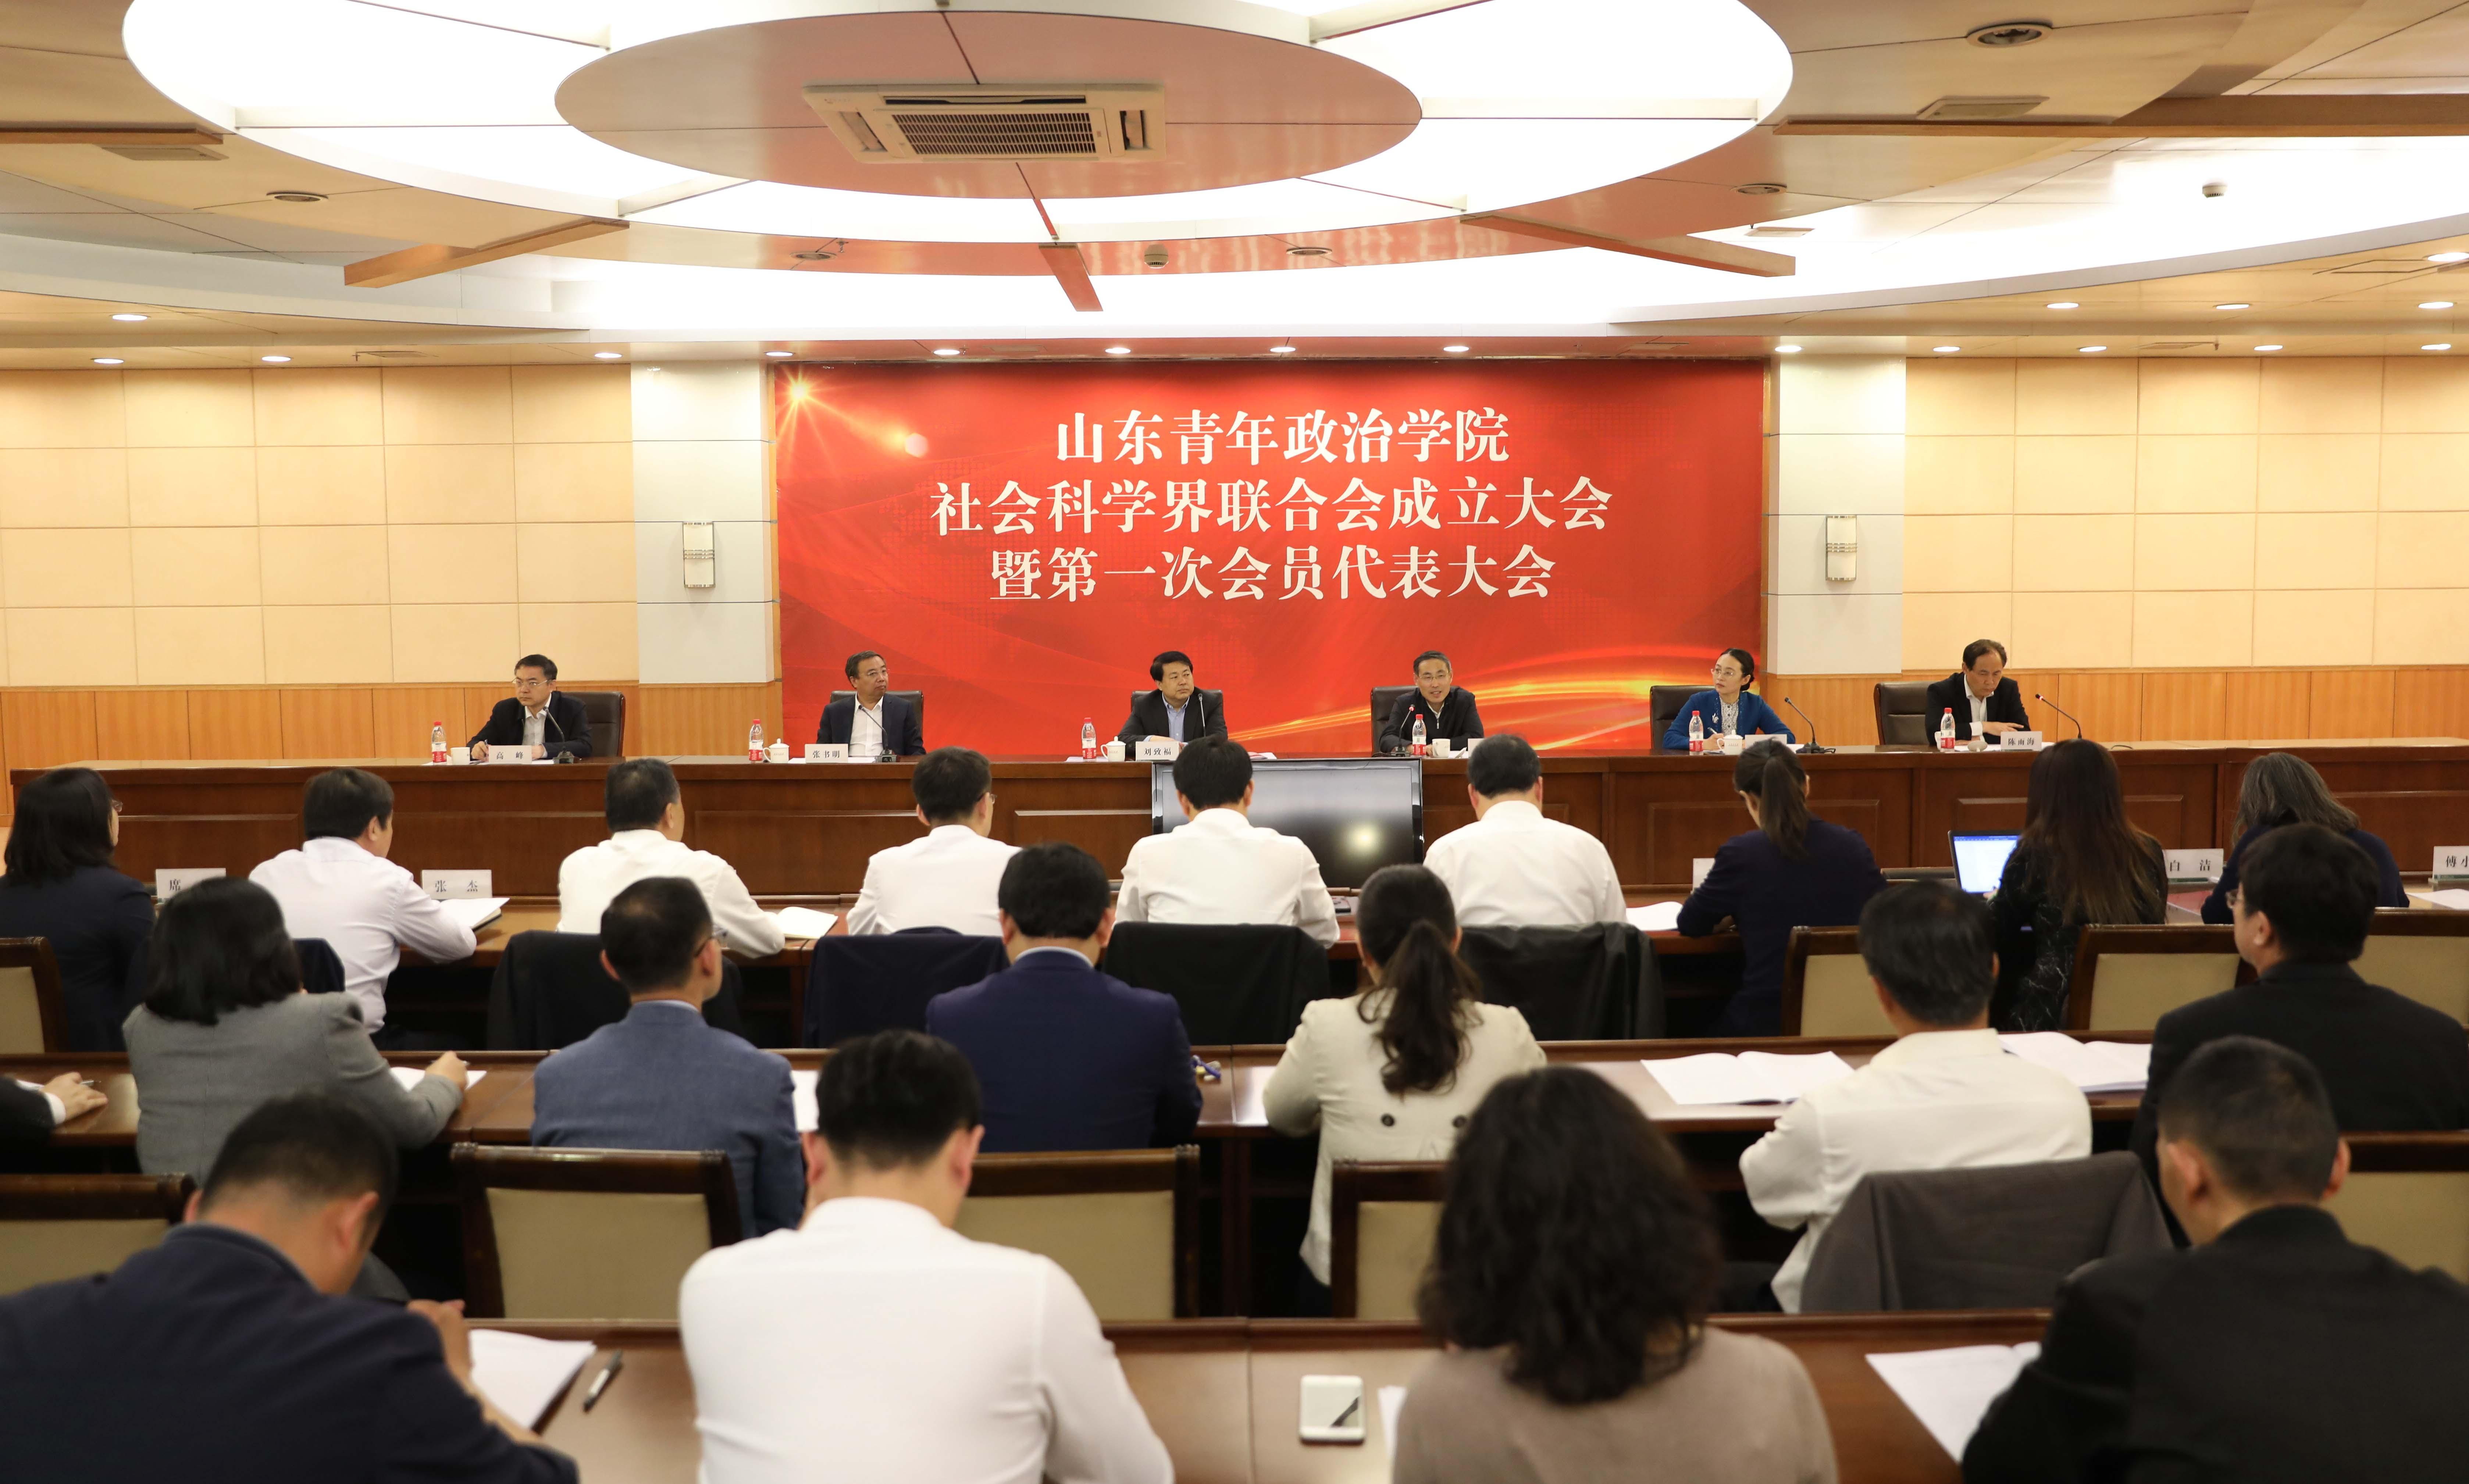 山东青年政治学院社会科学界联合会 成立 同时入会省社科联